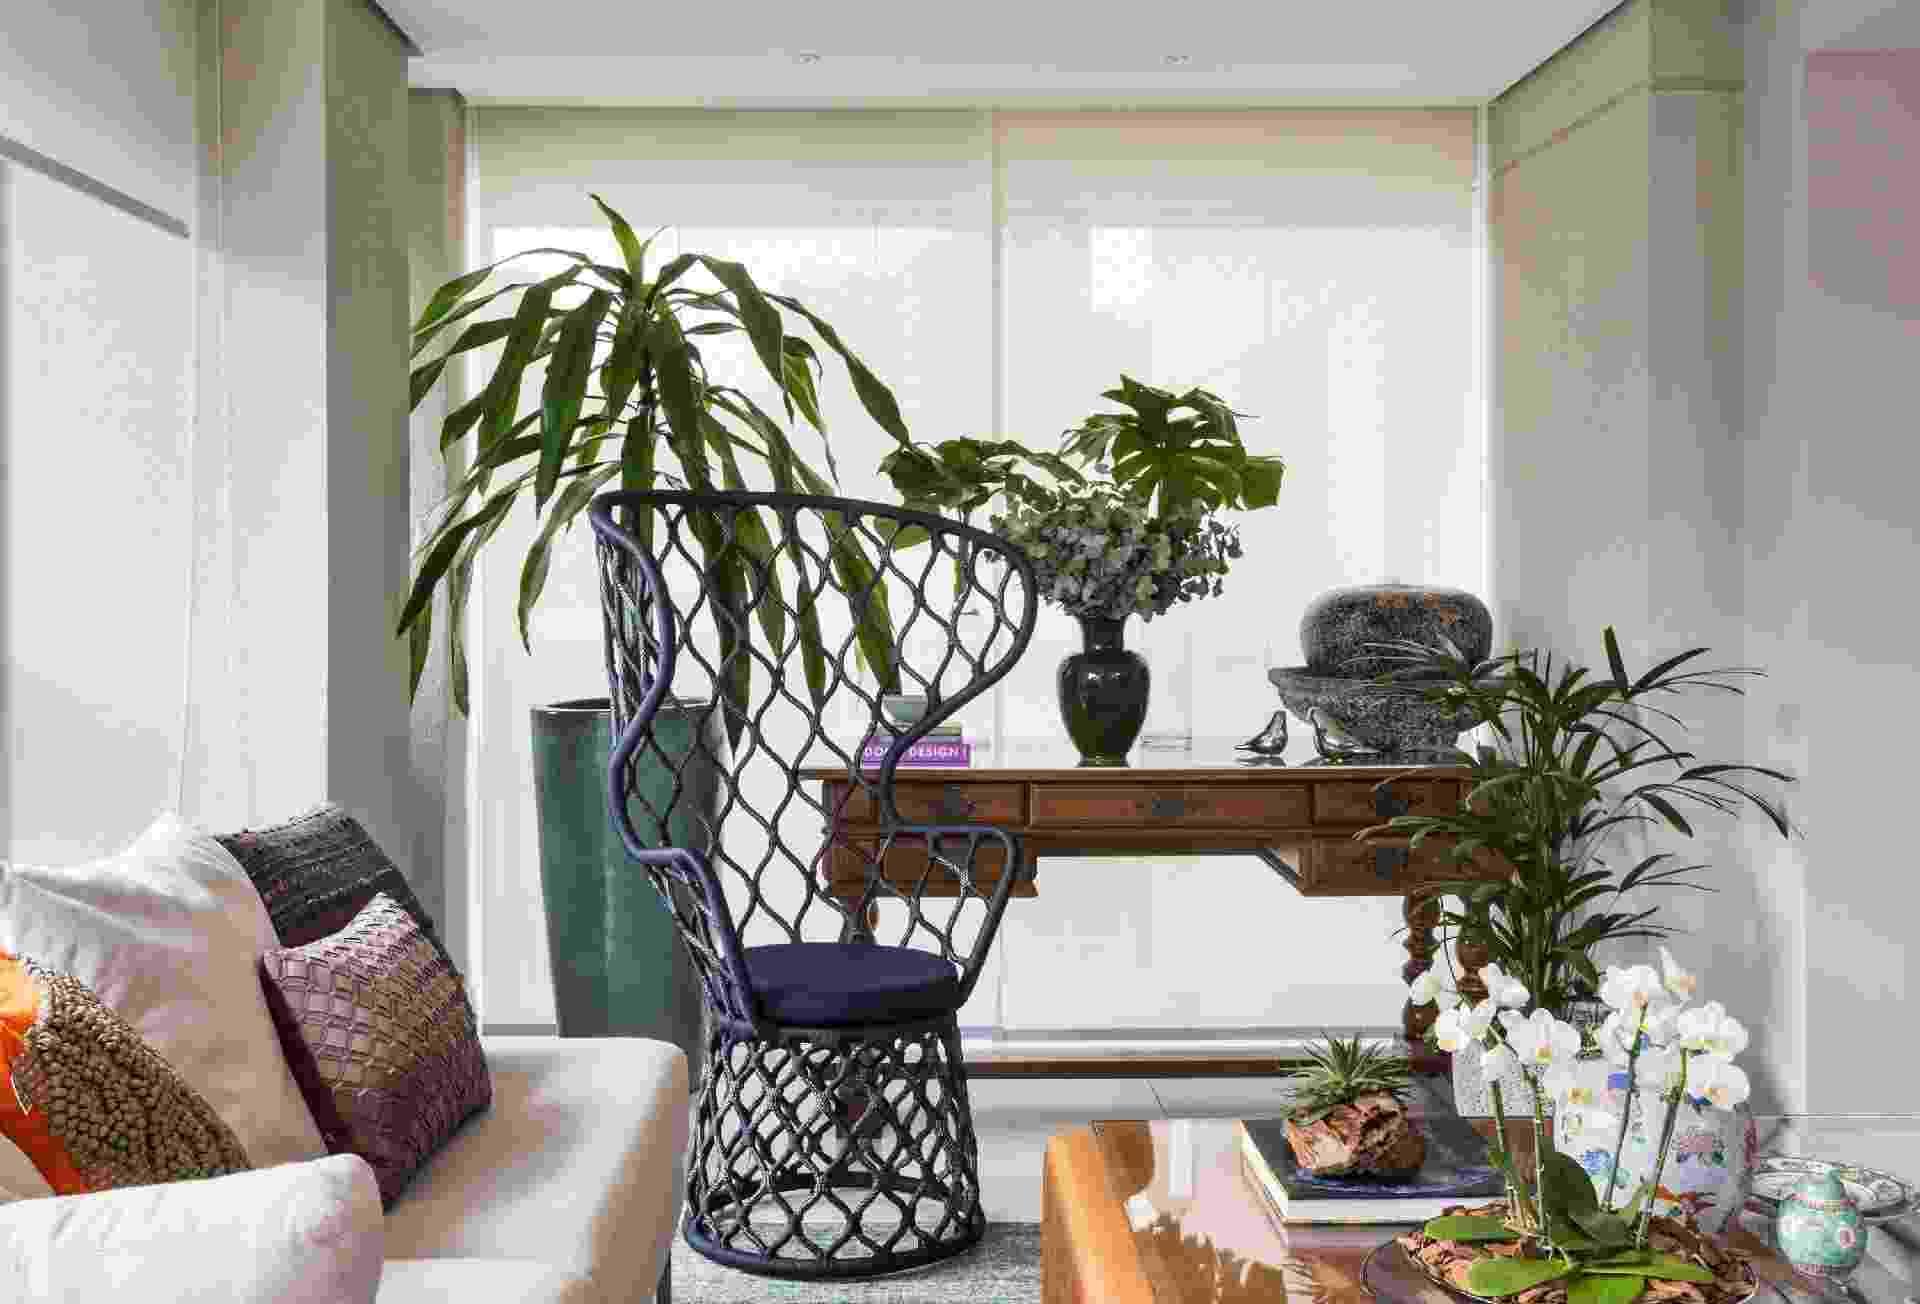 Na varanda integrada à sala de estar, a arquiteta Ana Yoshida não tinha espaço para um generoso jardim, mas a presença de verde era um desejo dos moradores. Entrou em cena a composição de vasos grandes no chão e pequenos sobre os móveis: eles reúnem costela-de-adão, eucalipto, rafia, dracena e as delicadas miniorquídeas - Evelyn Müller/Divulgação